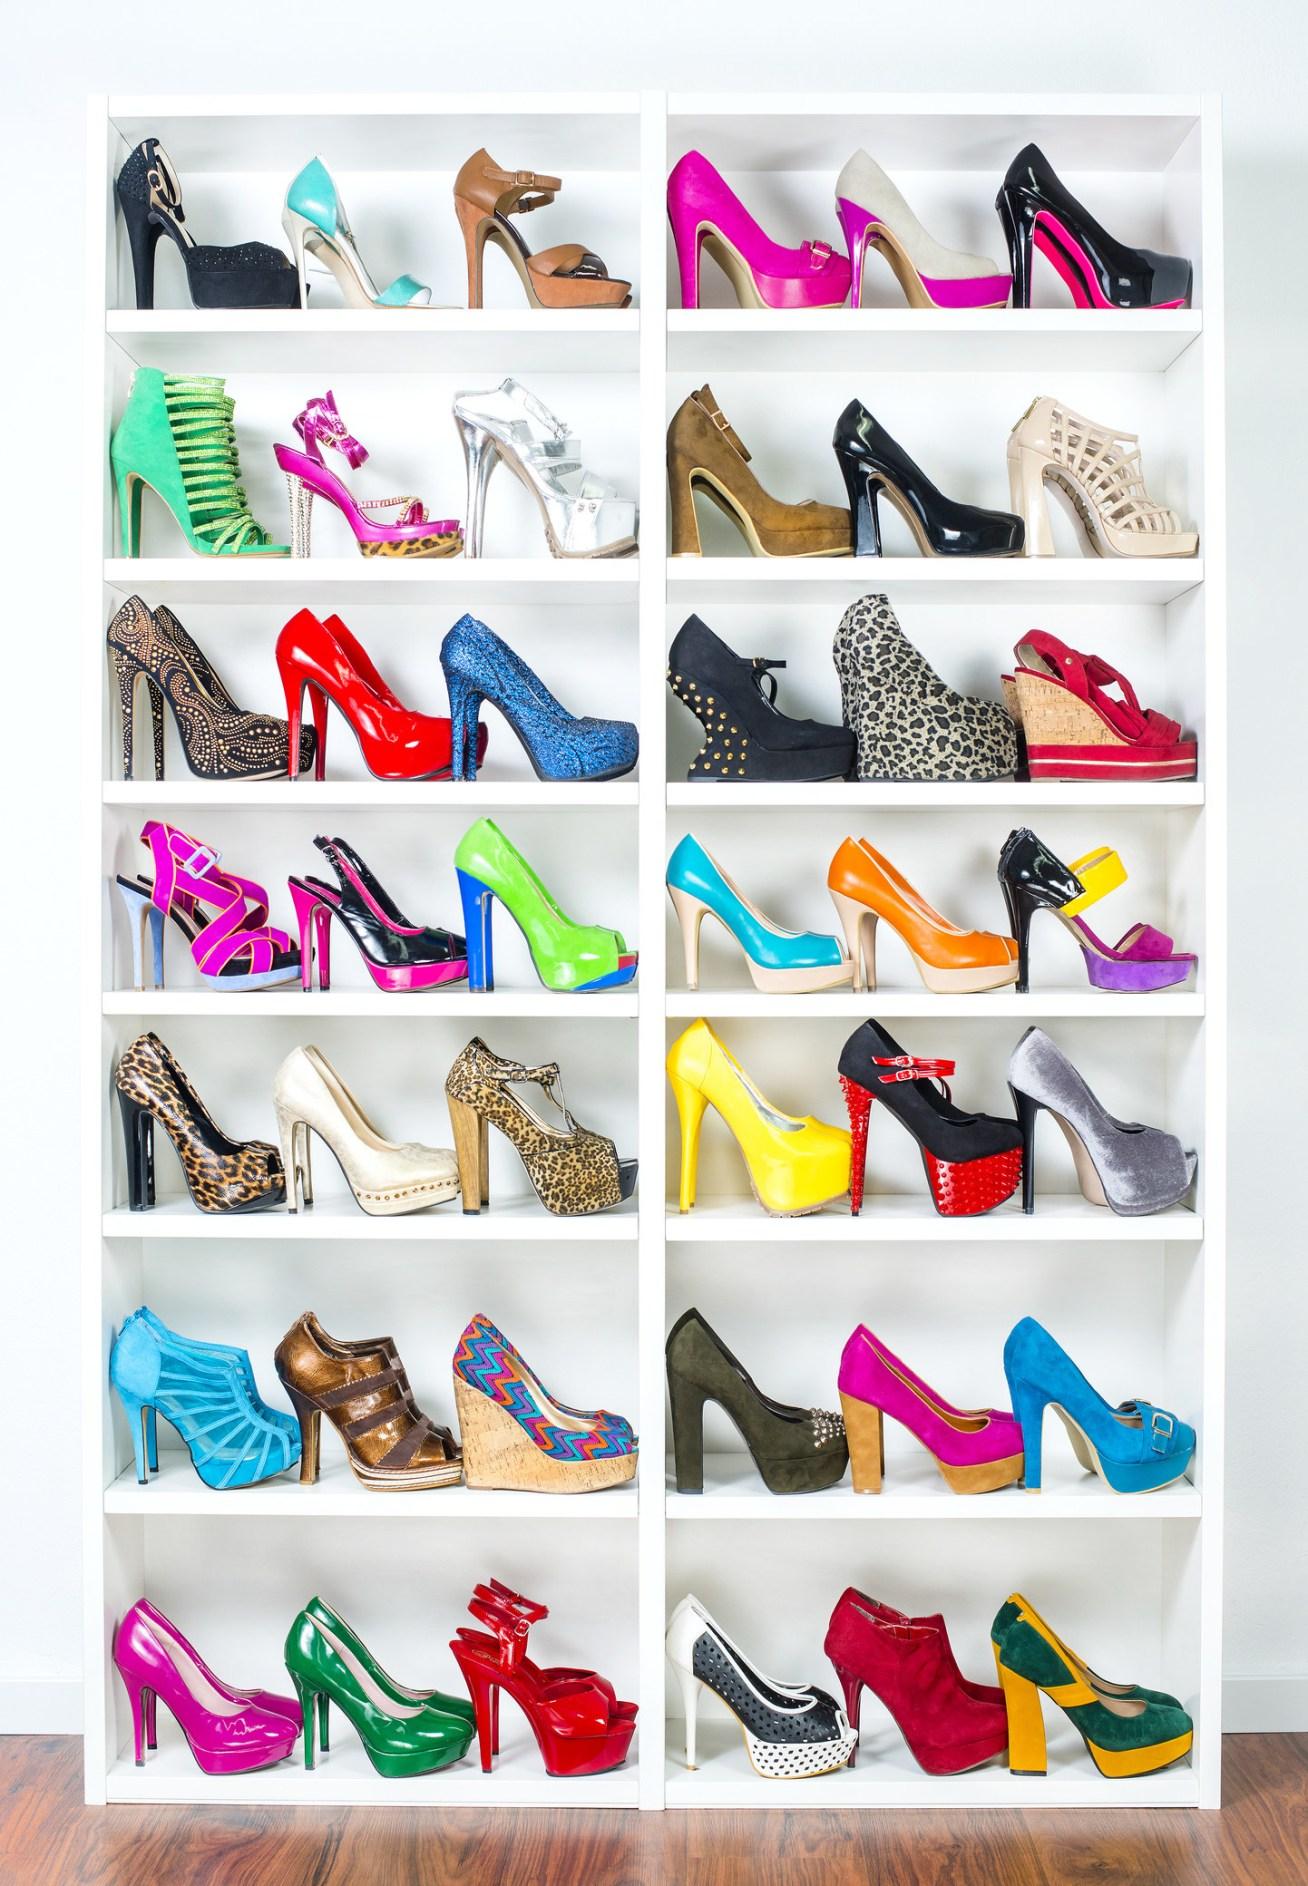 Lo bueno de usar un estante blanco es que los colores de tus zapatos van a explotar y el ambiente se verá muy divertido y estiloso a la vez.